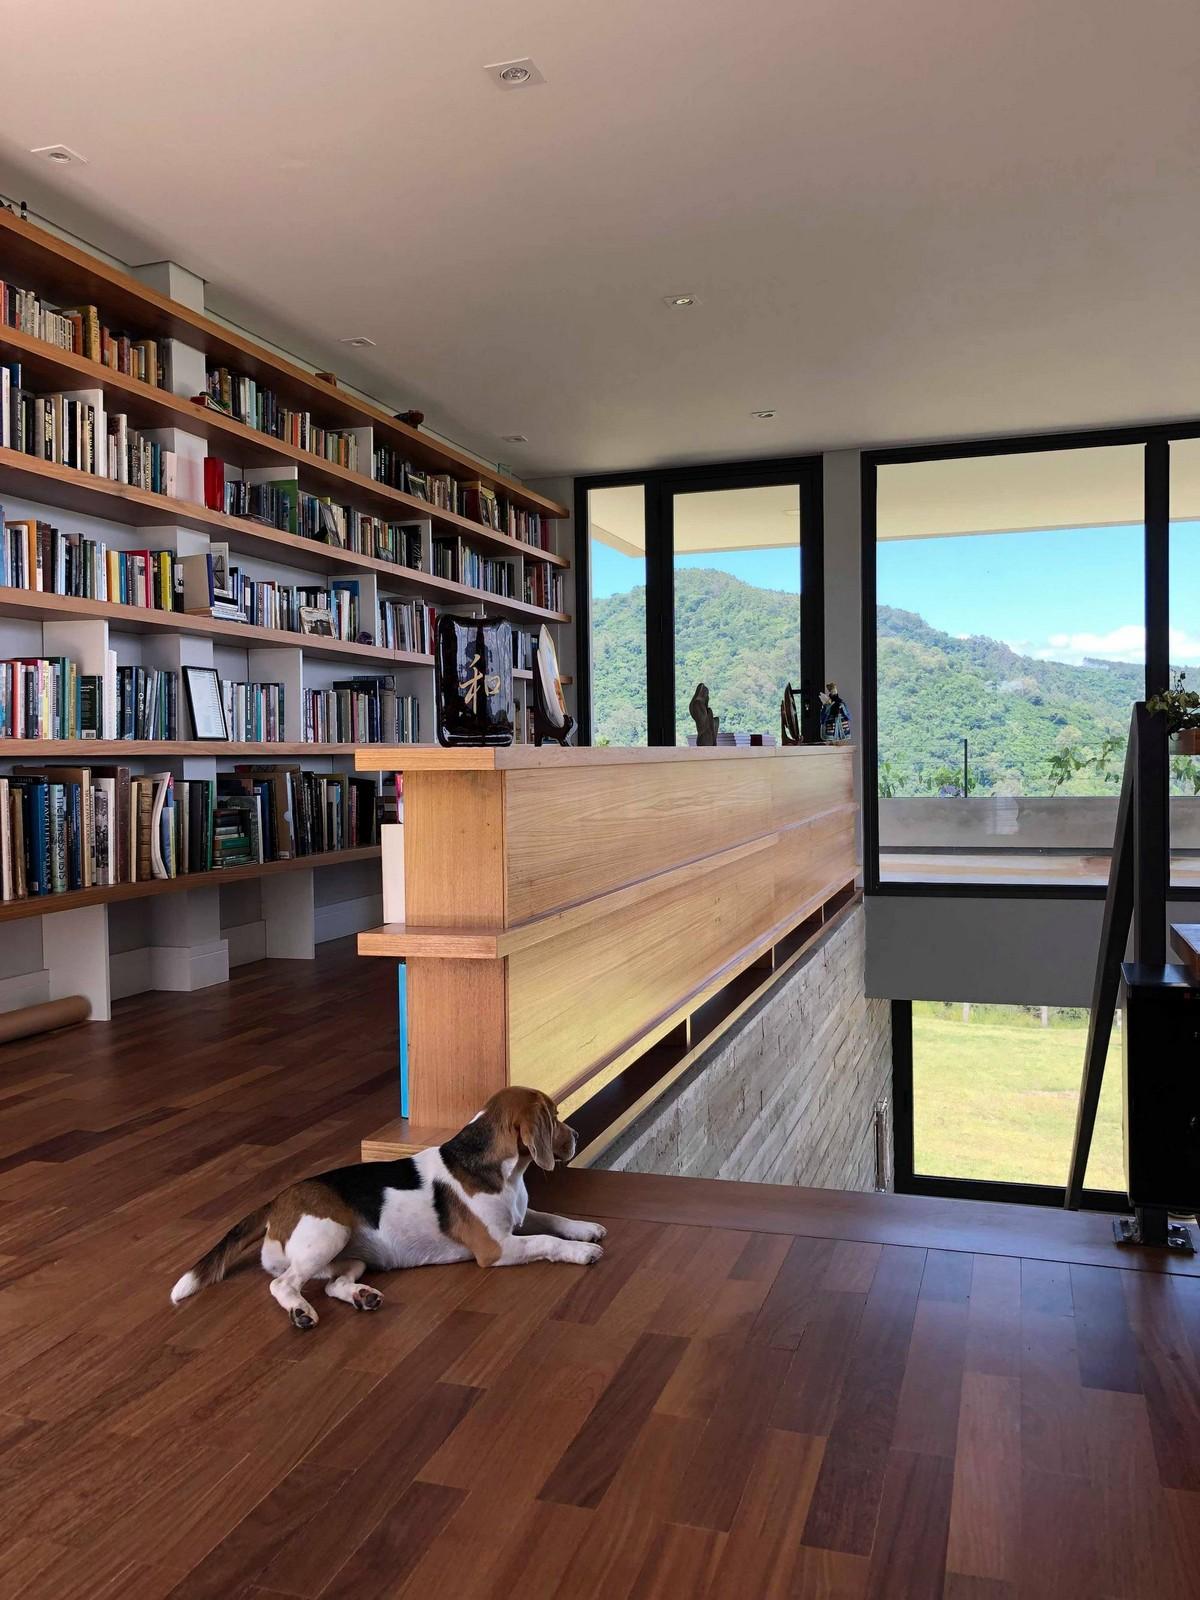 Дом коллекционера книг в Бразилии